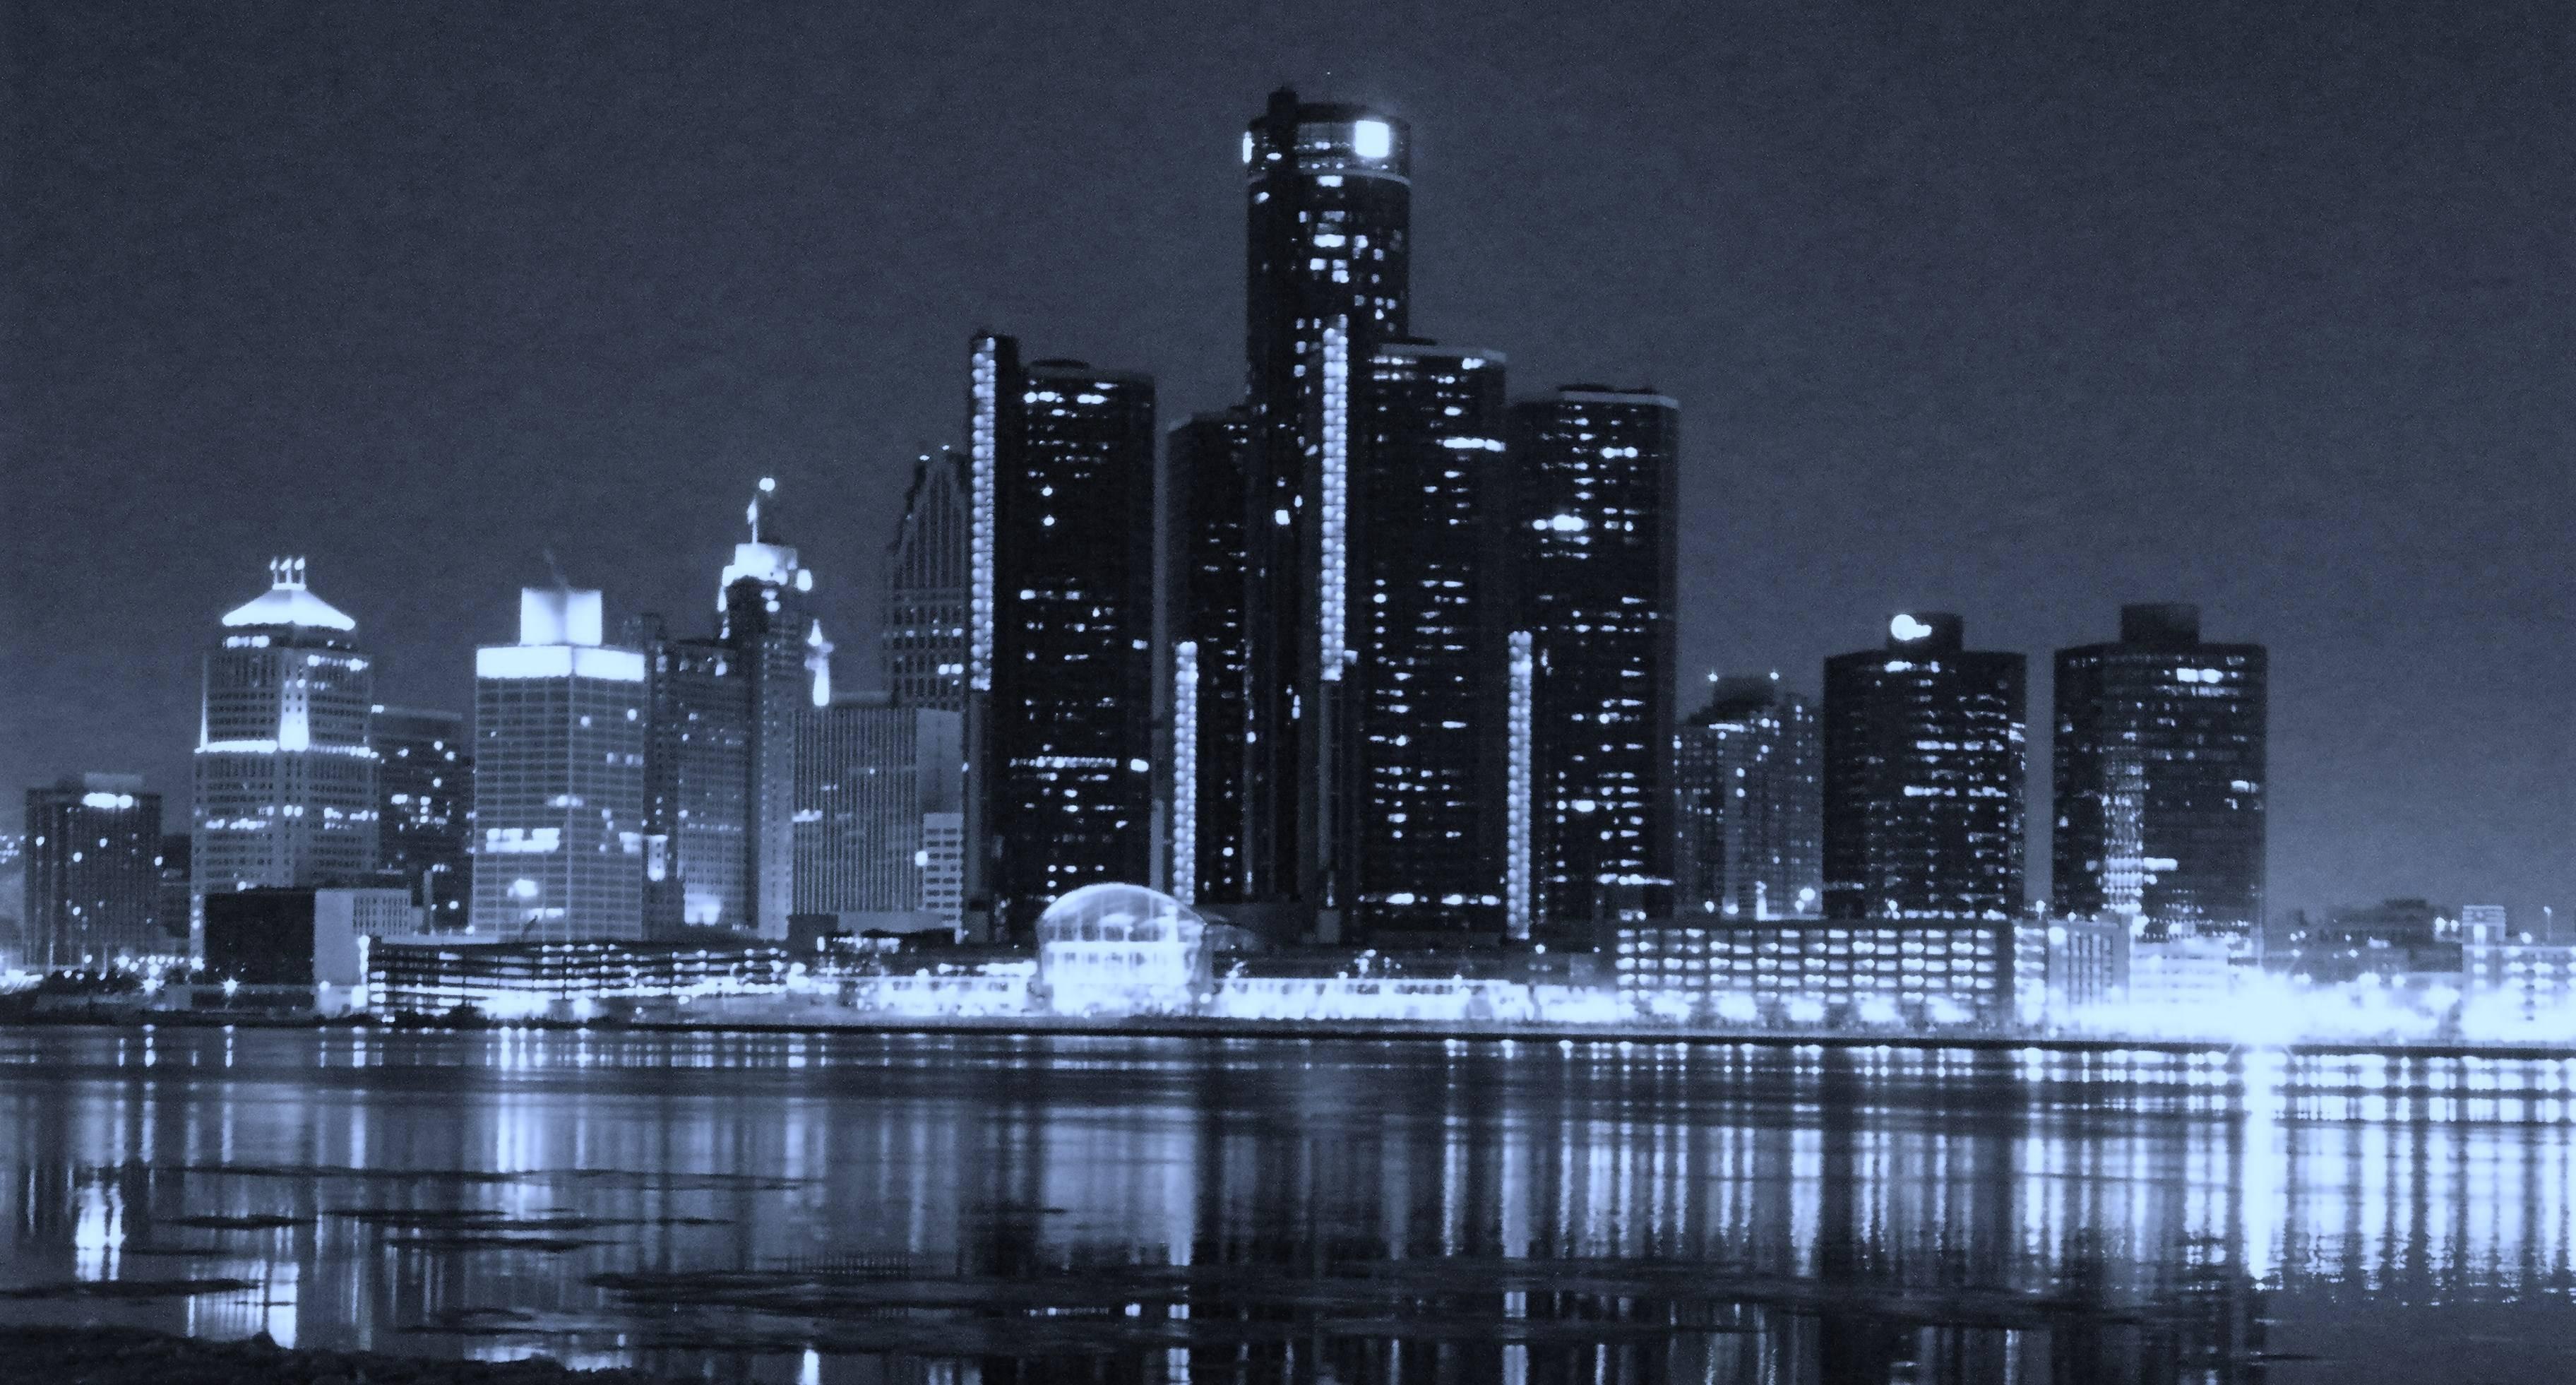 Detroit City Wallpapers   Top Detroit City Backgrounds 3648x1961